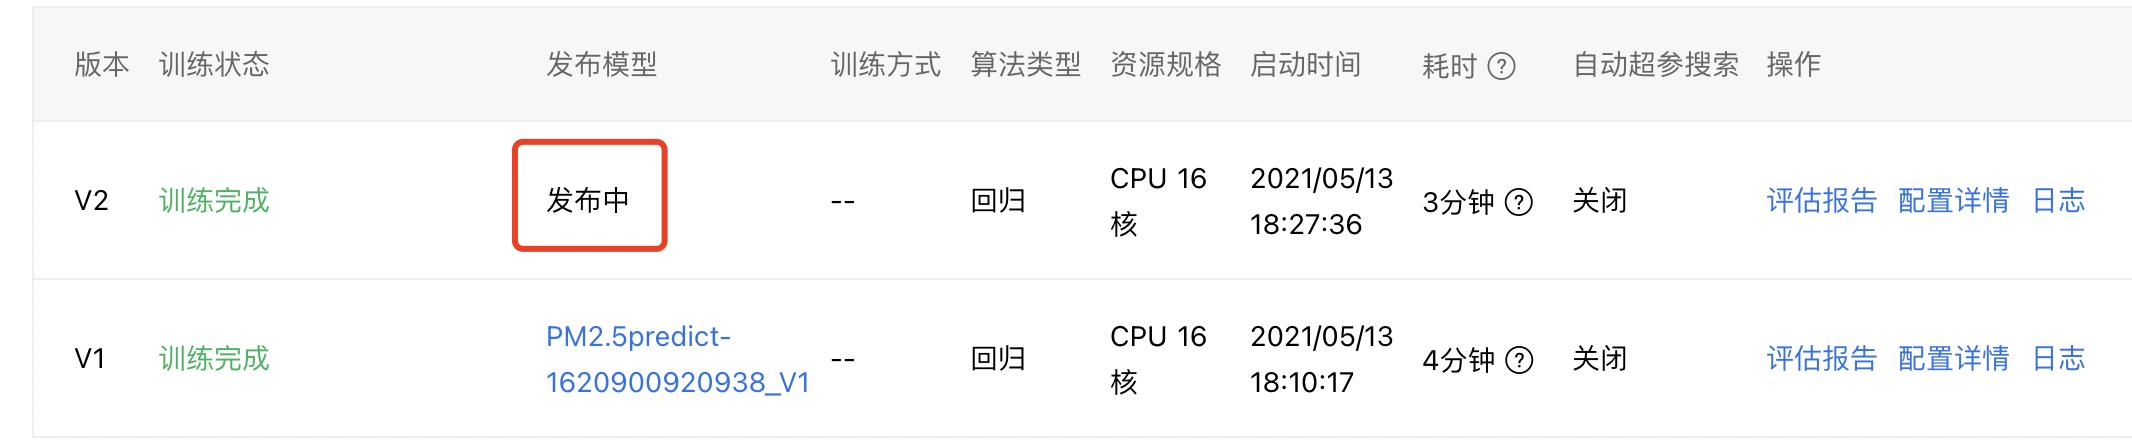 5.1模型发布2.png